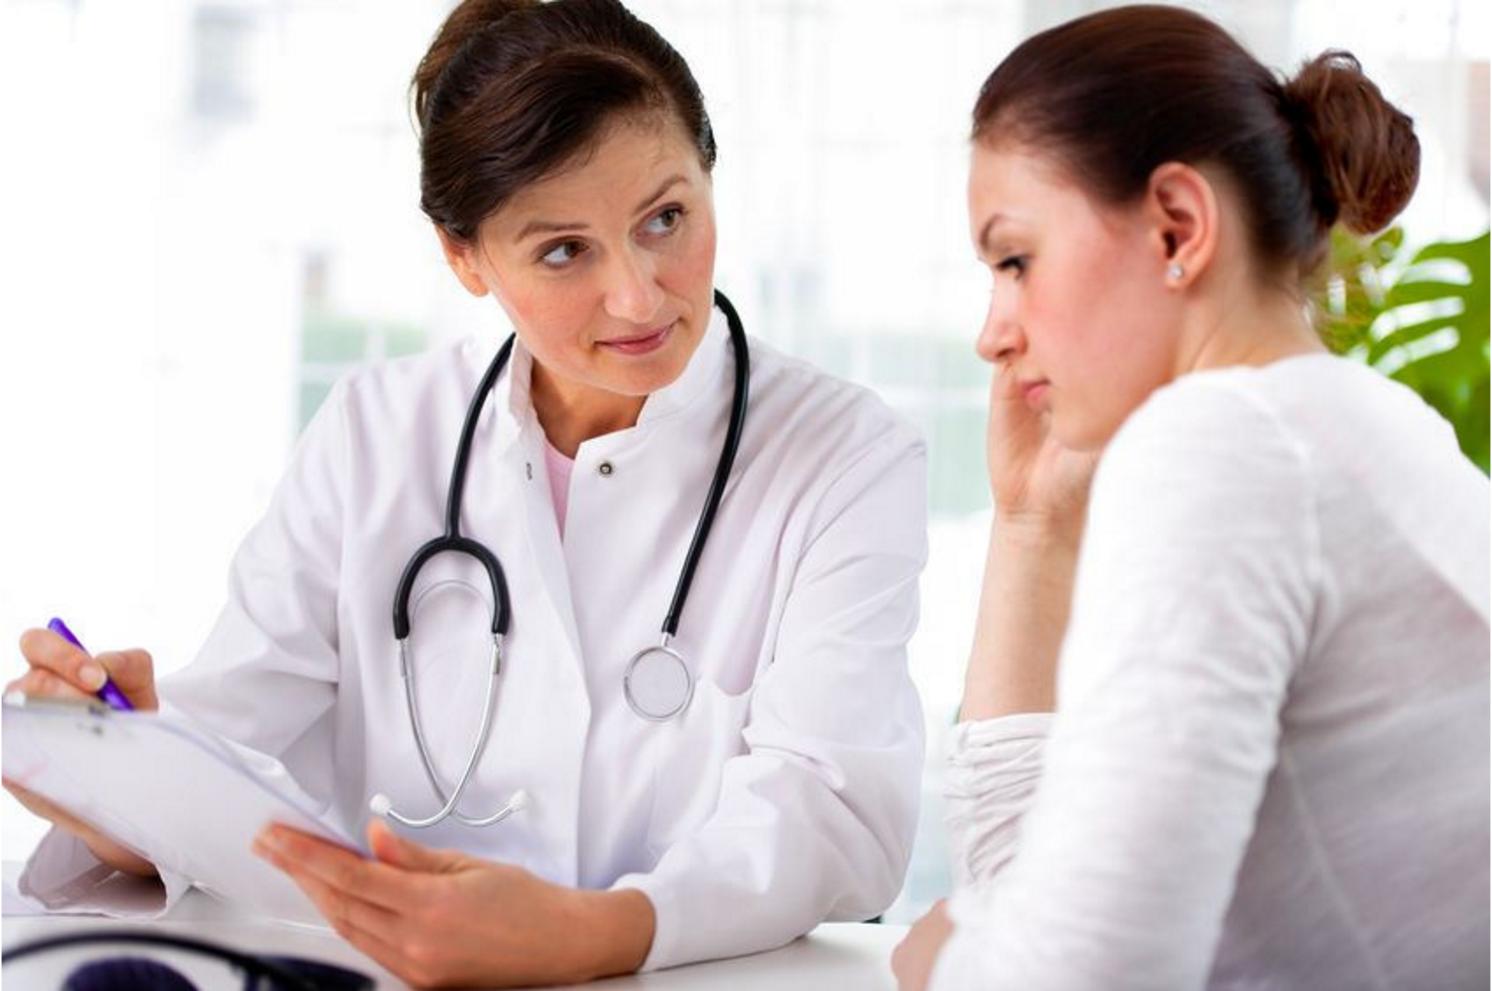 Khám thai định kỳ, khám thai lần đầu và các mốc khám thai quan trọng